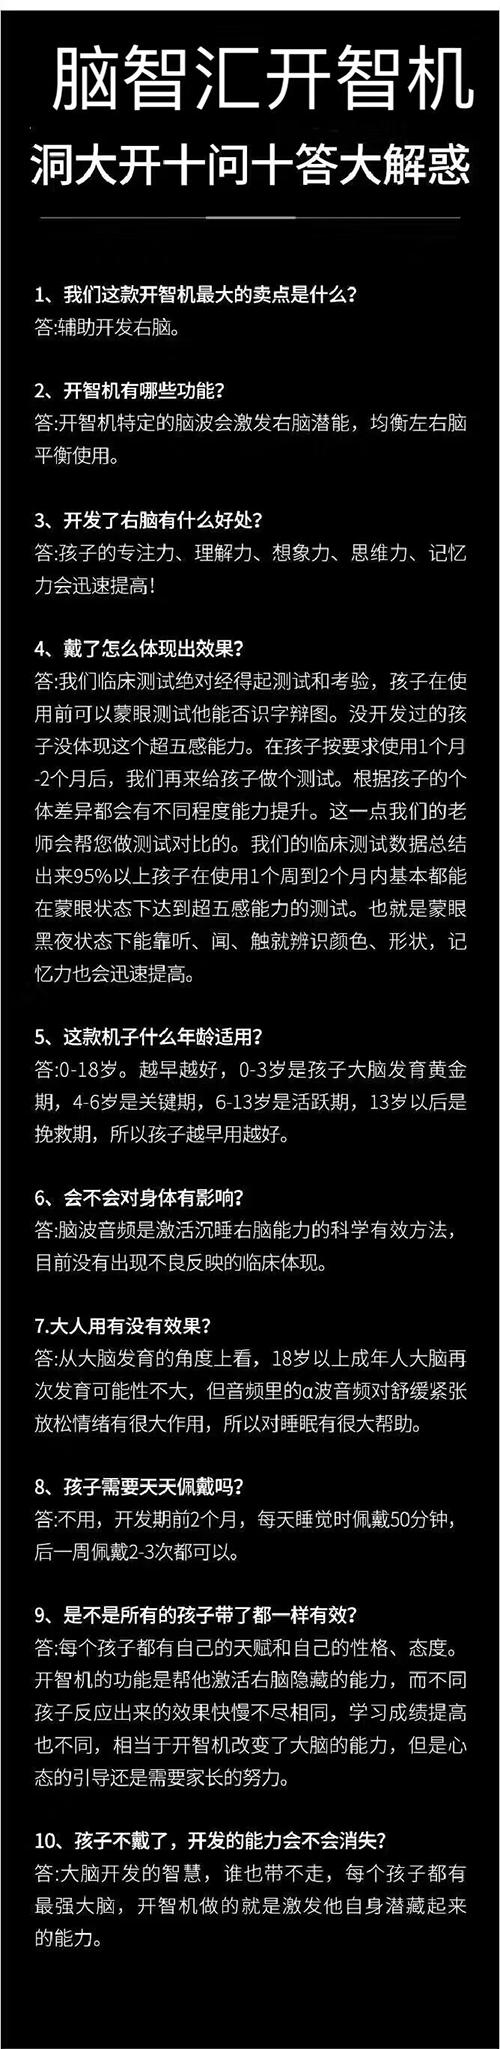 【秘】馥兰朵智慧机官方代理找谁(西藏)